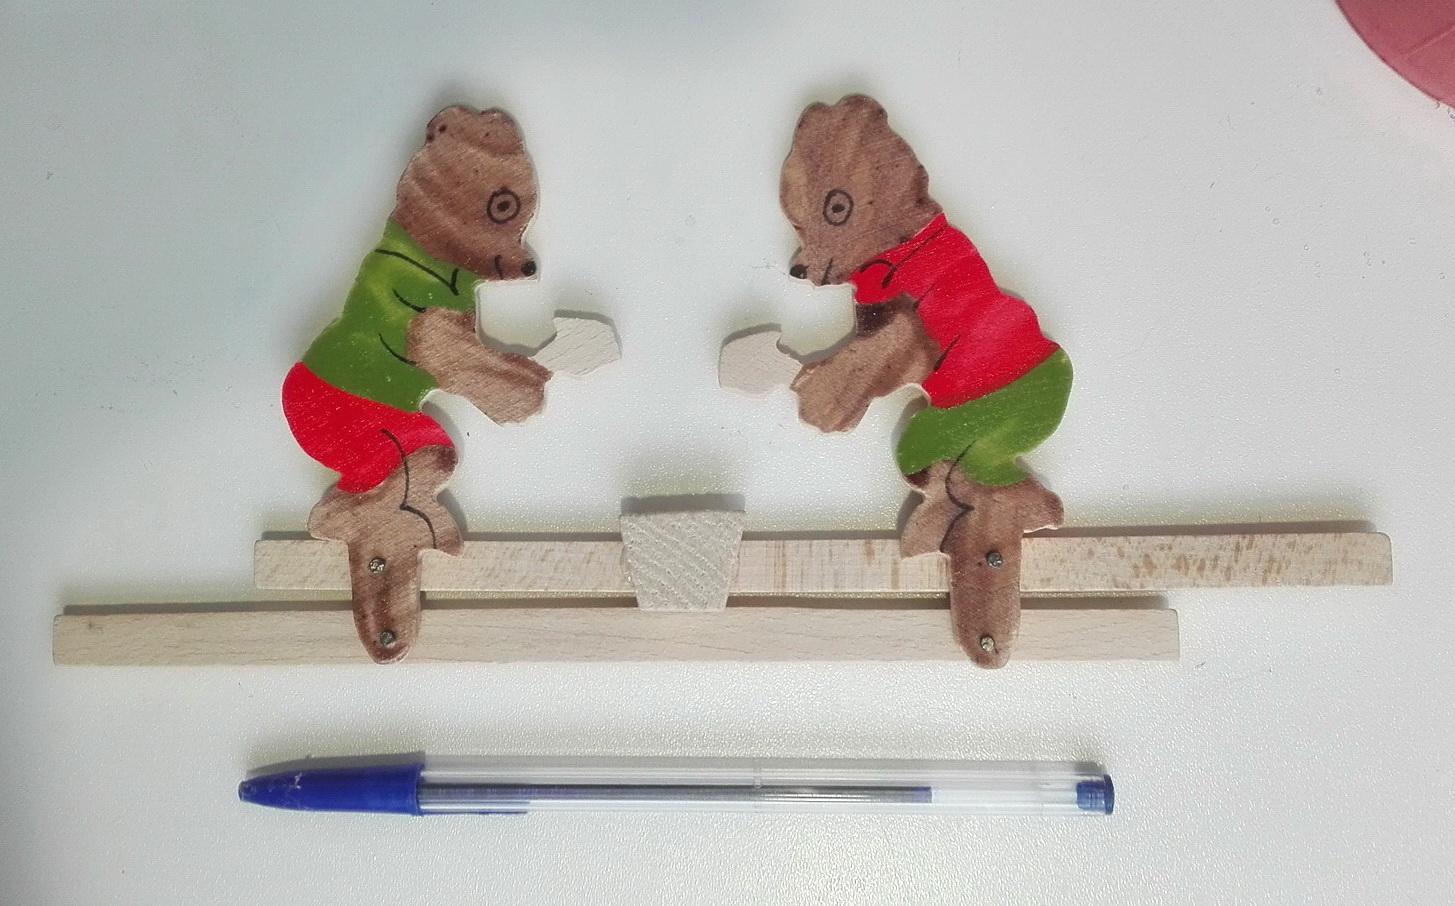 Мишки бьют по наковальне деревянная игрушка